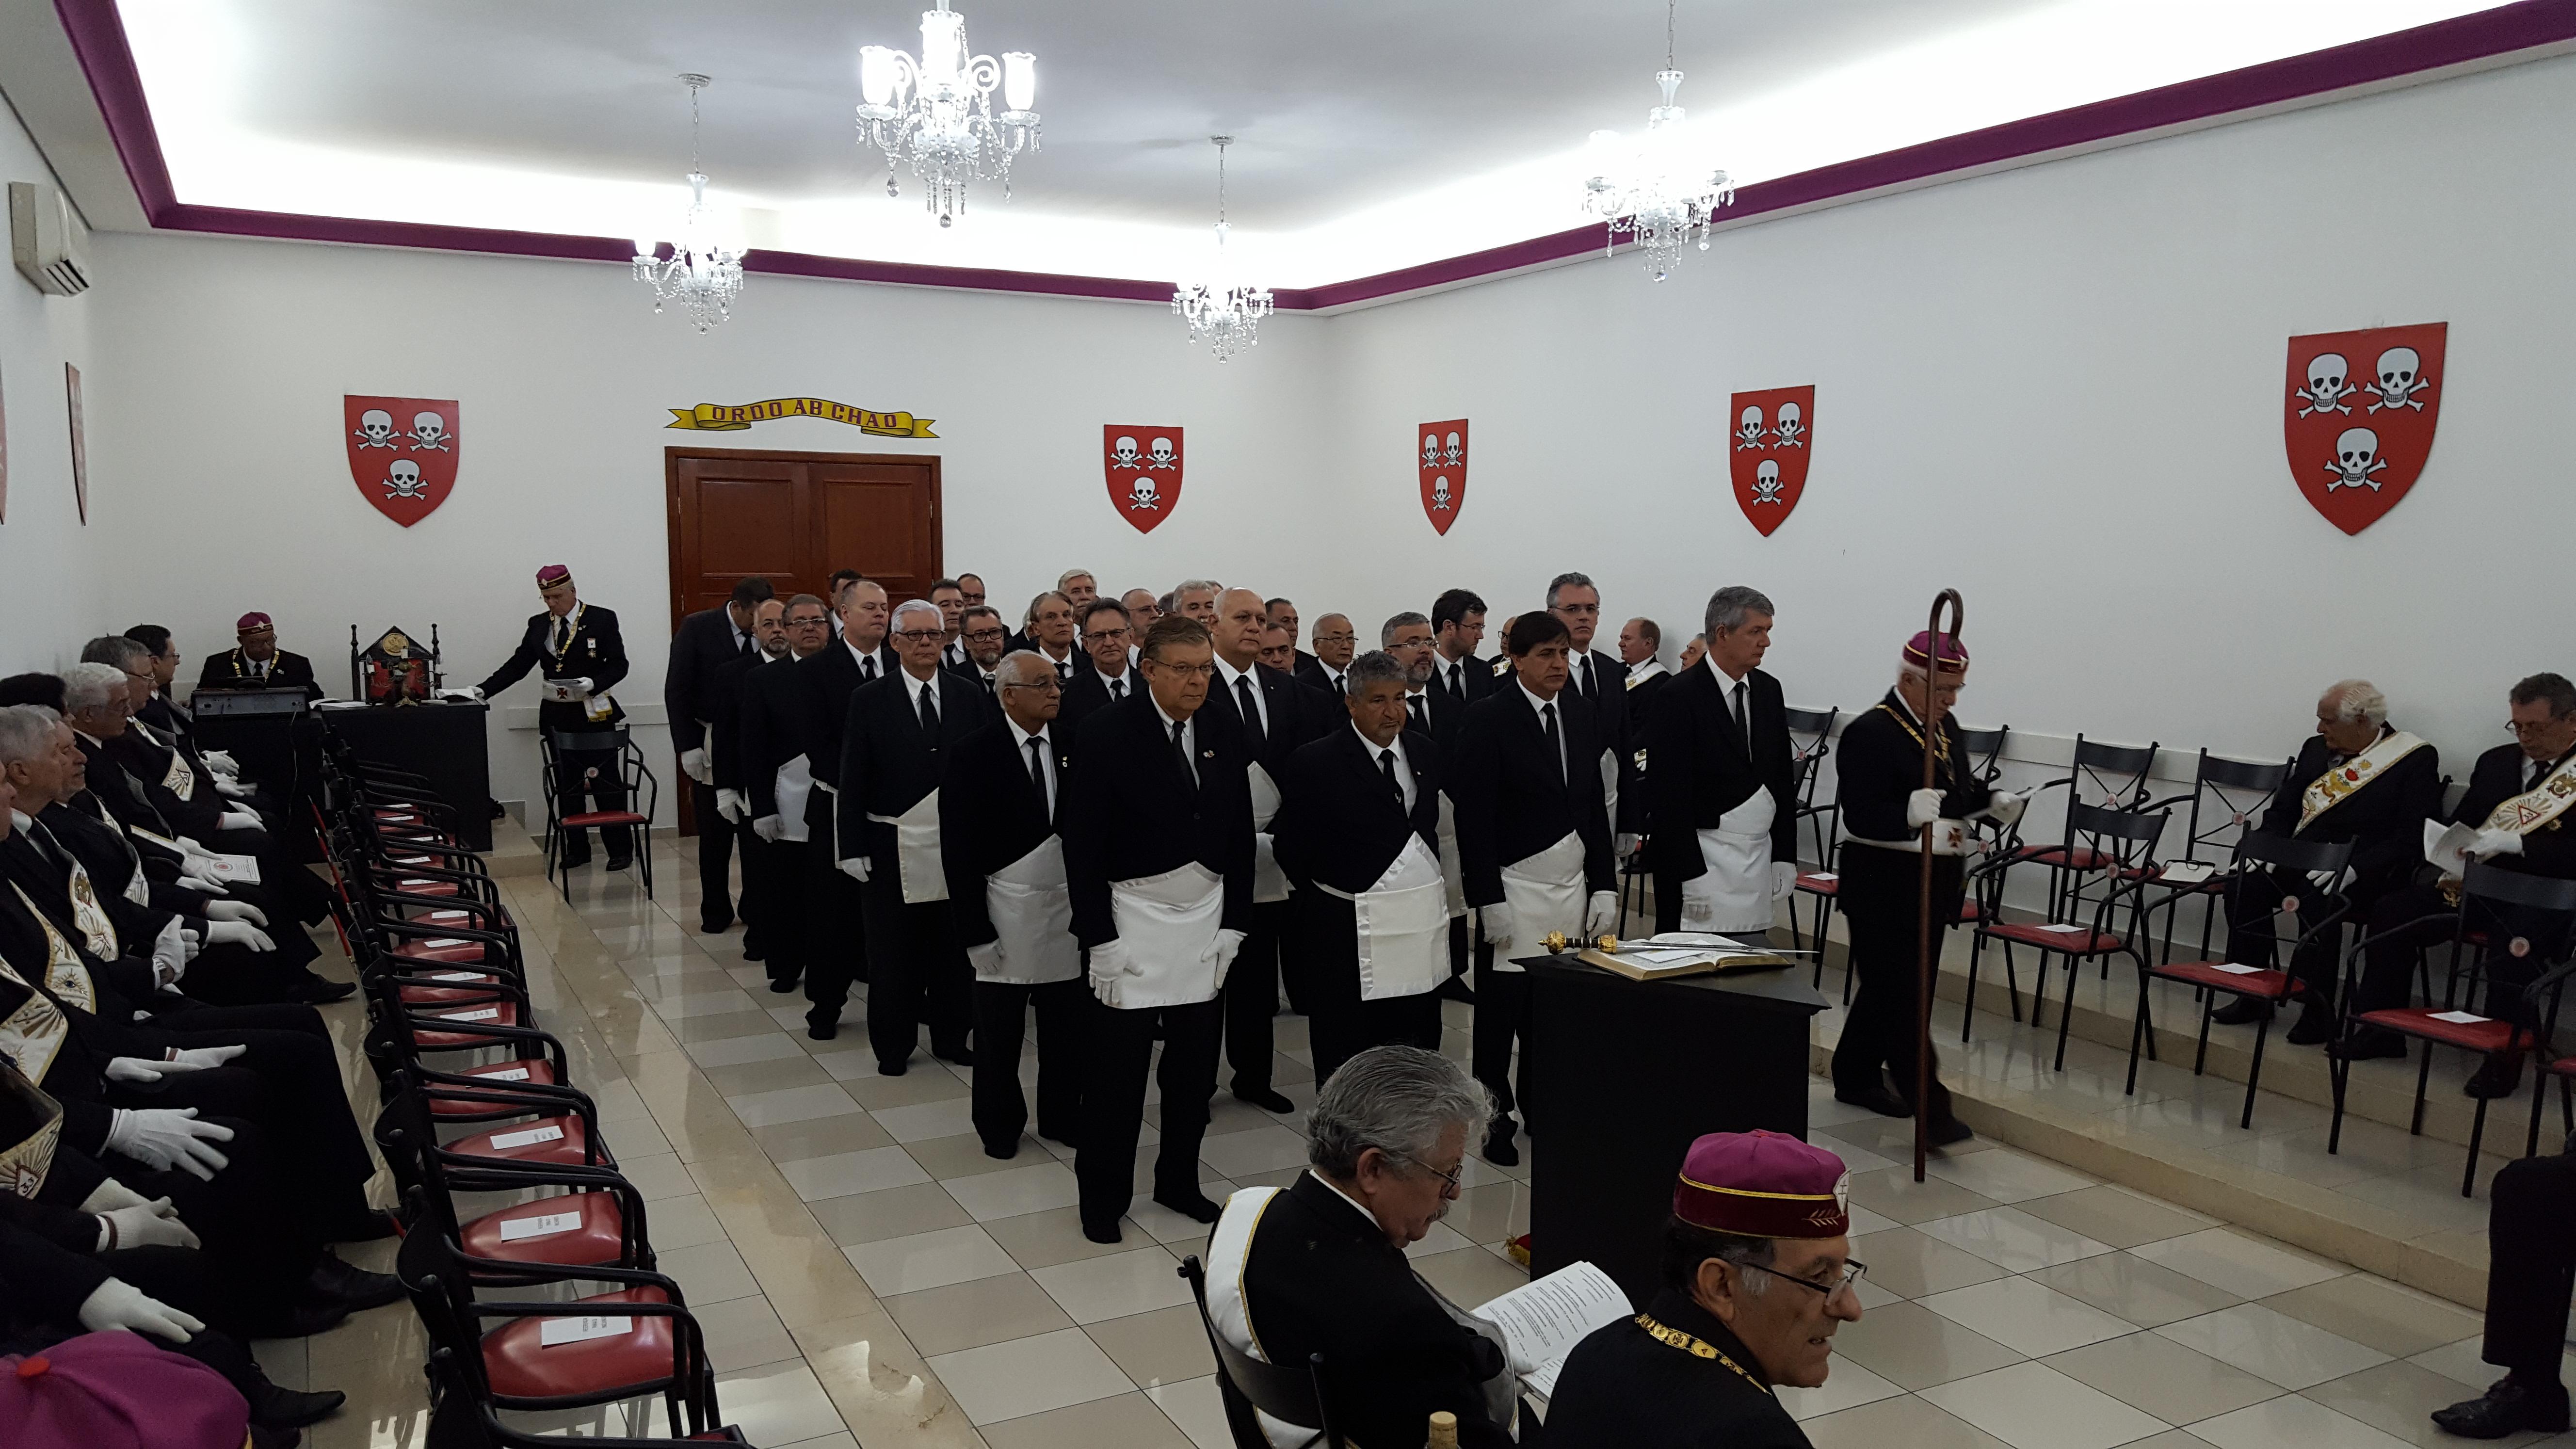 Iniciação Gr 33 - São Paulo